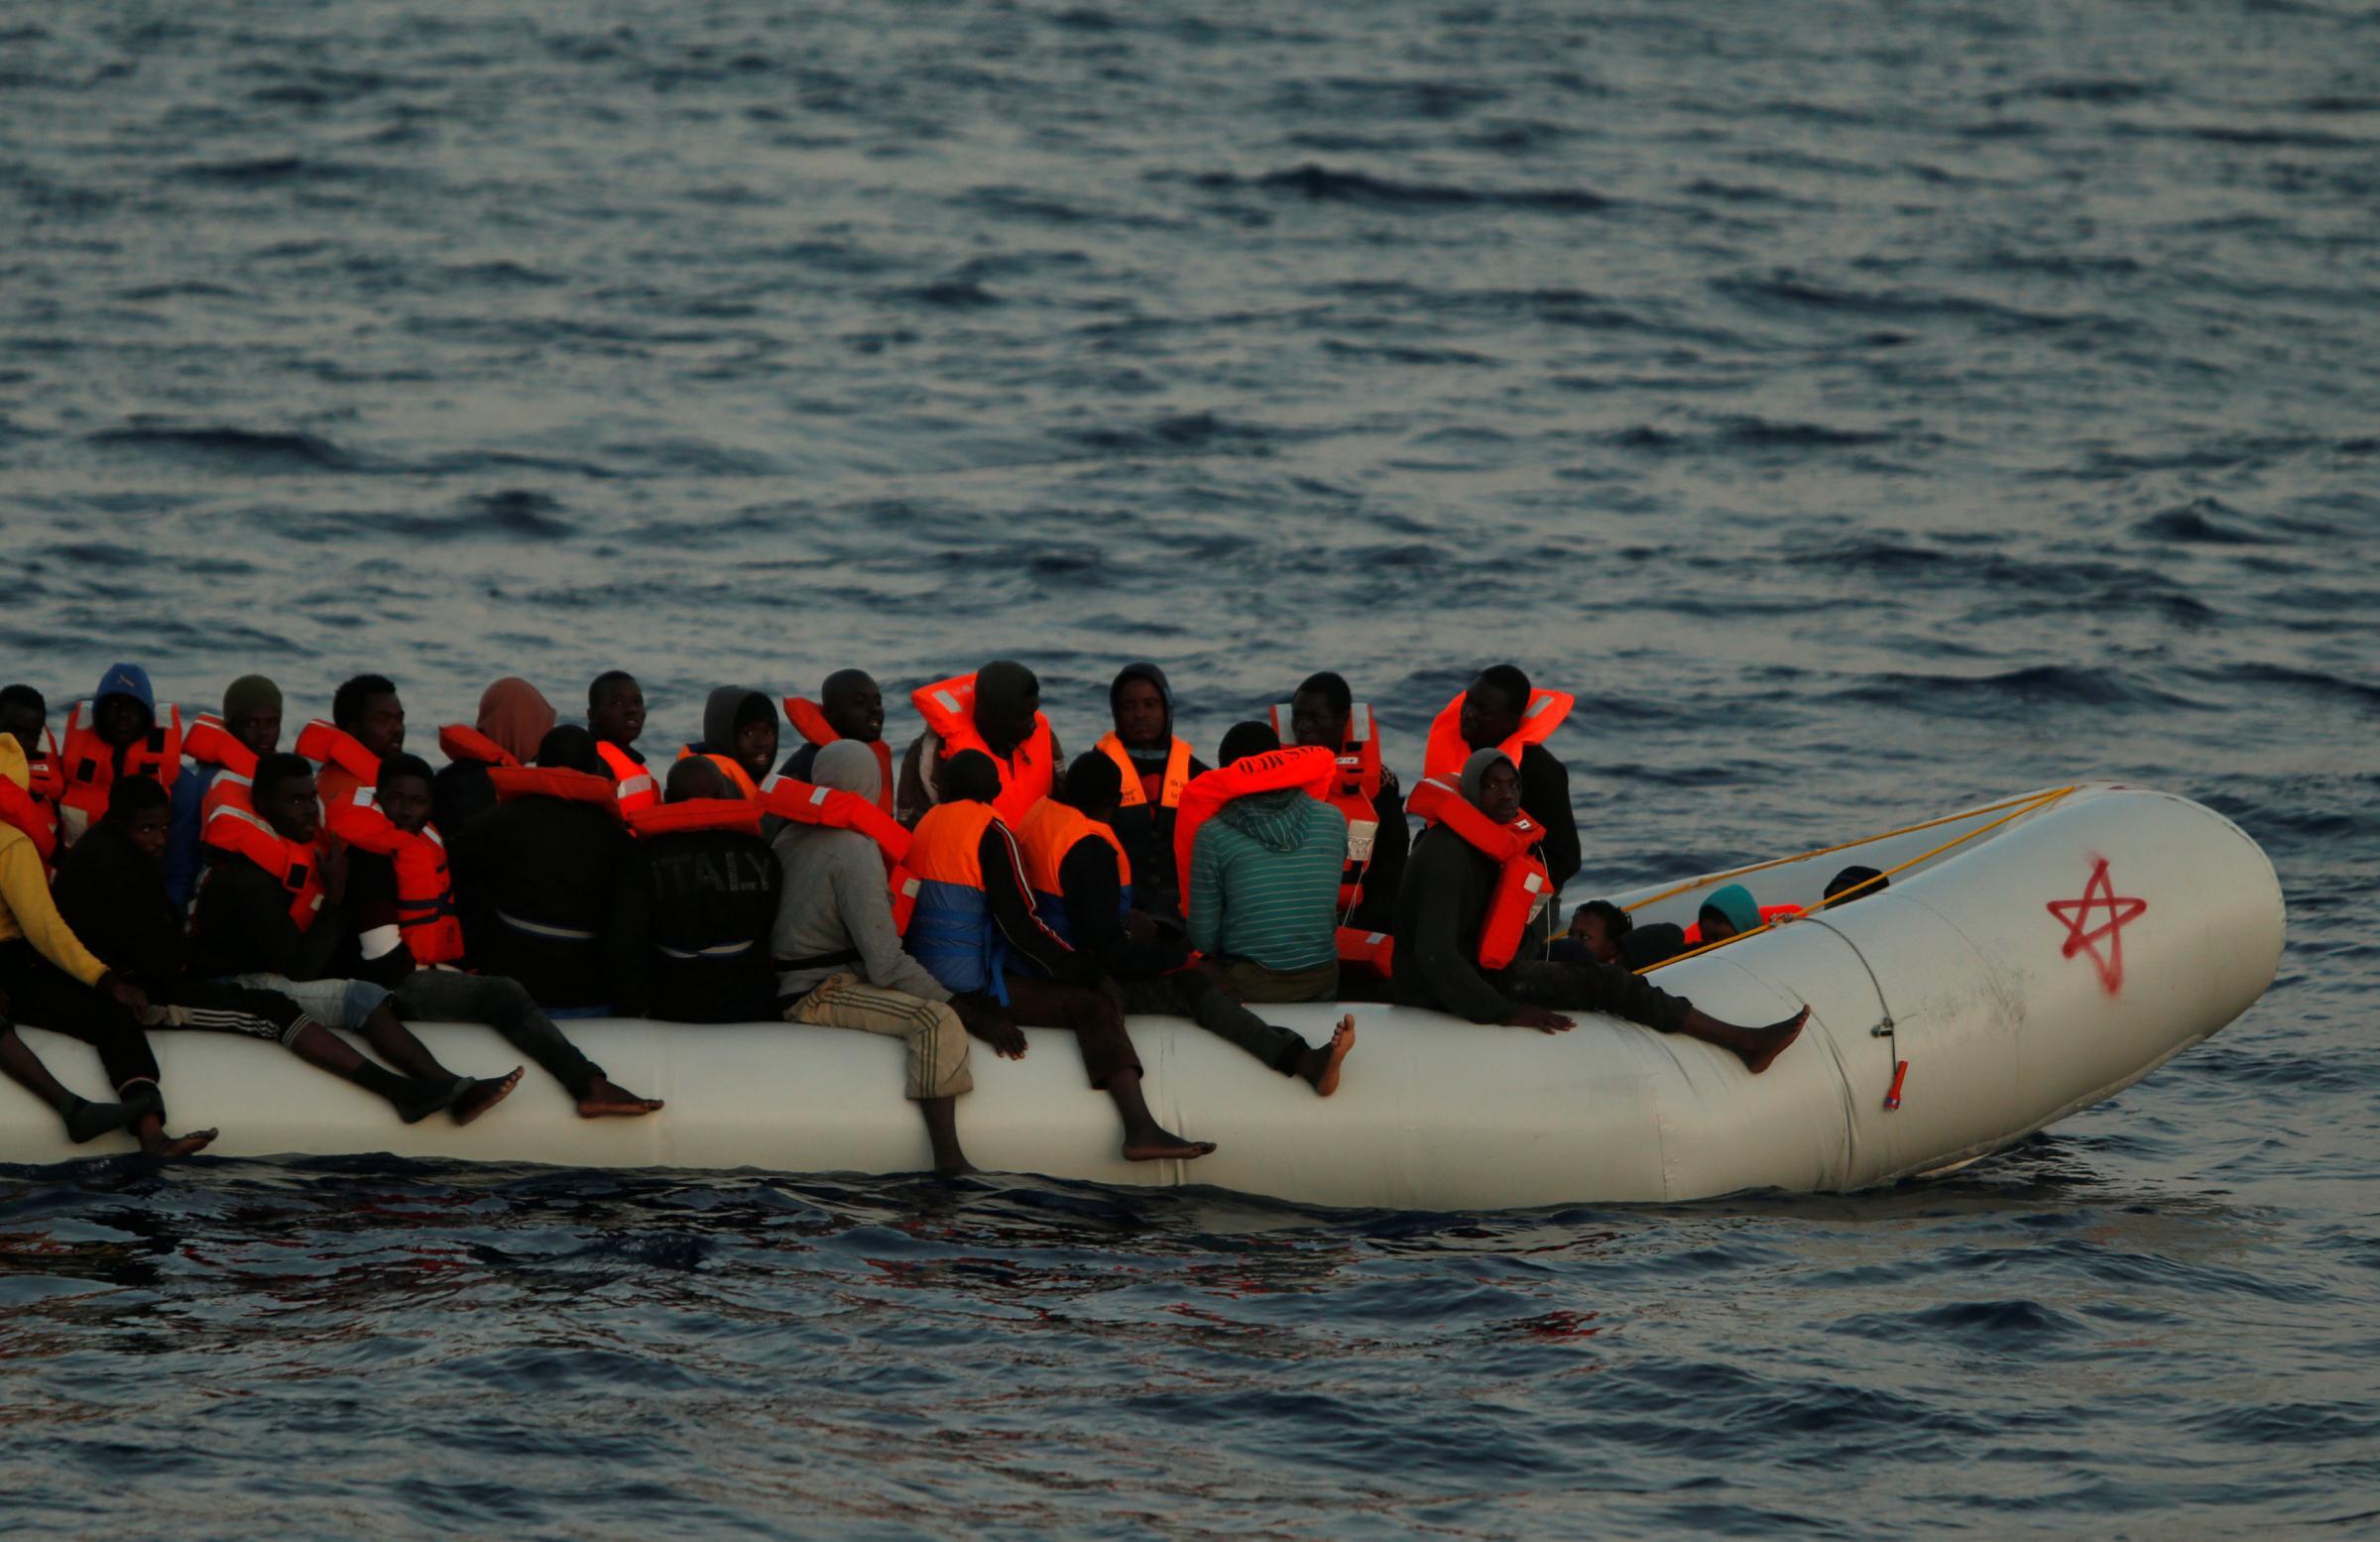 Migranti e Ong, sono davvero finanziate dai trafficanti? Il dibattito che infervora la politica